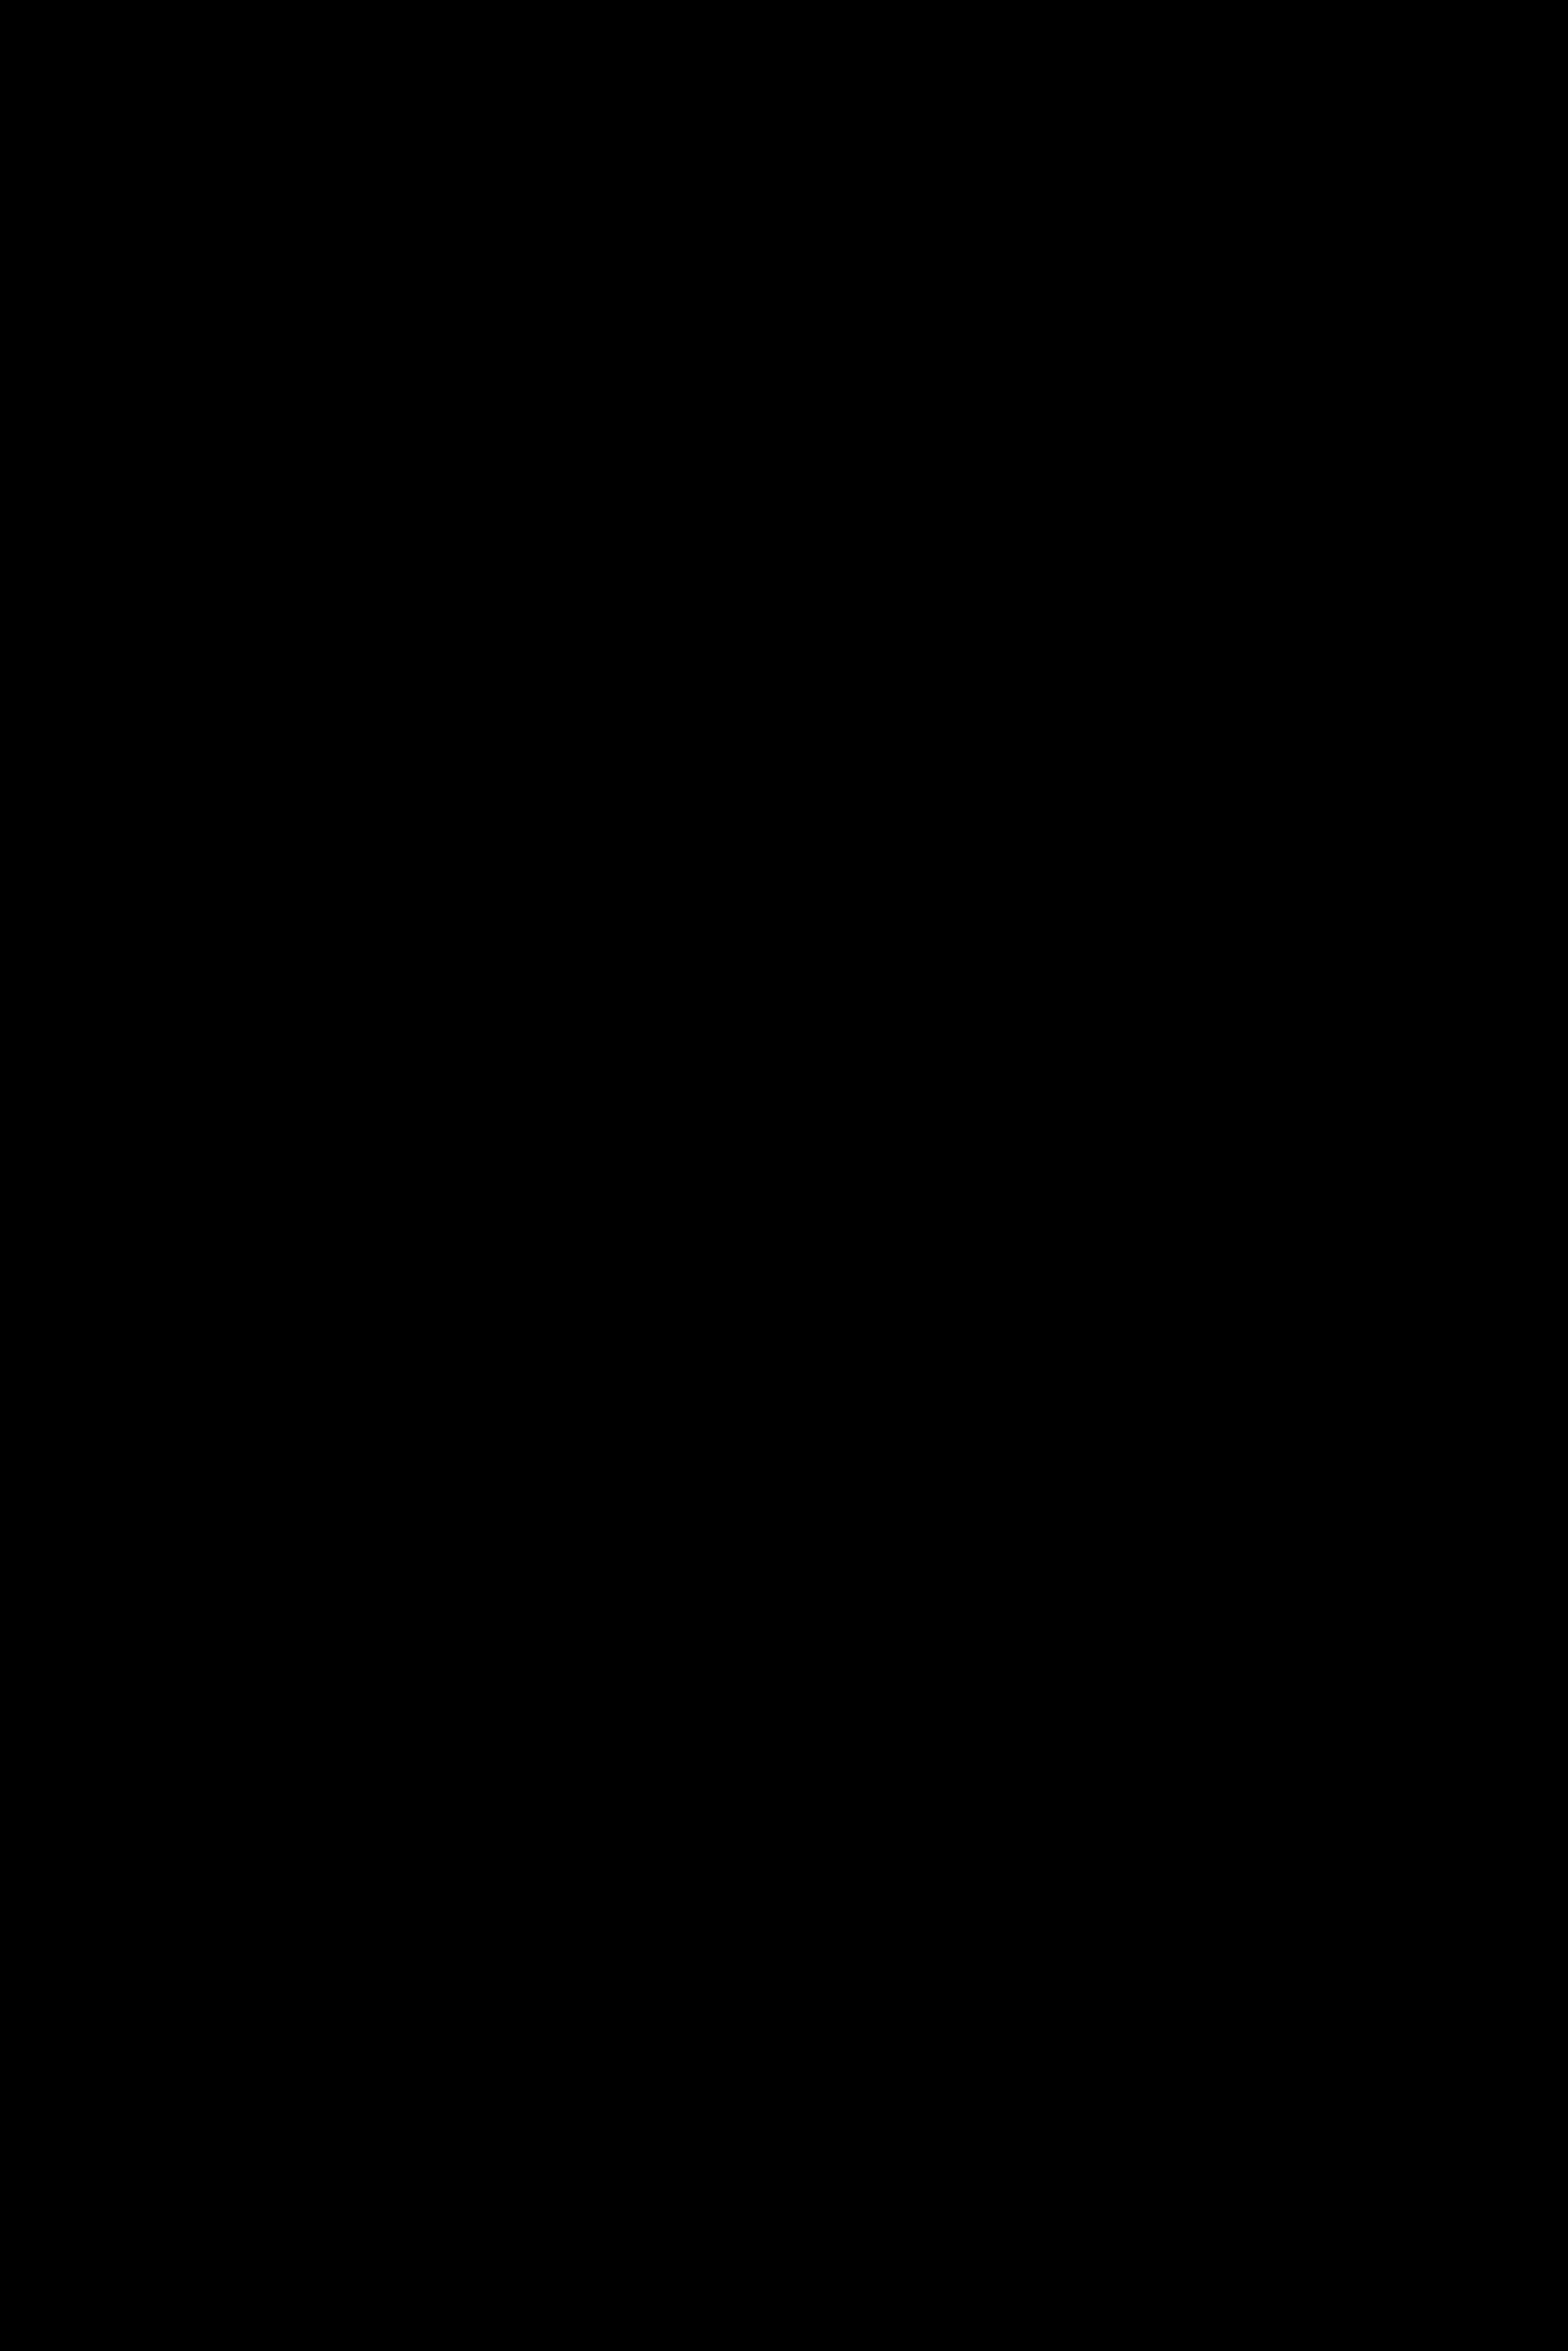 L'Arpent AOC Vaudois